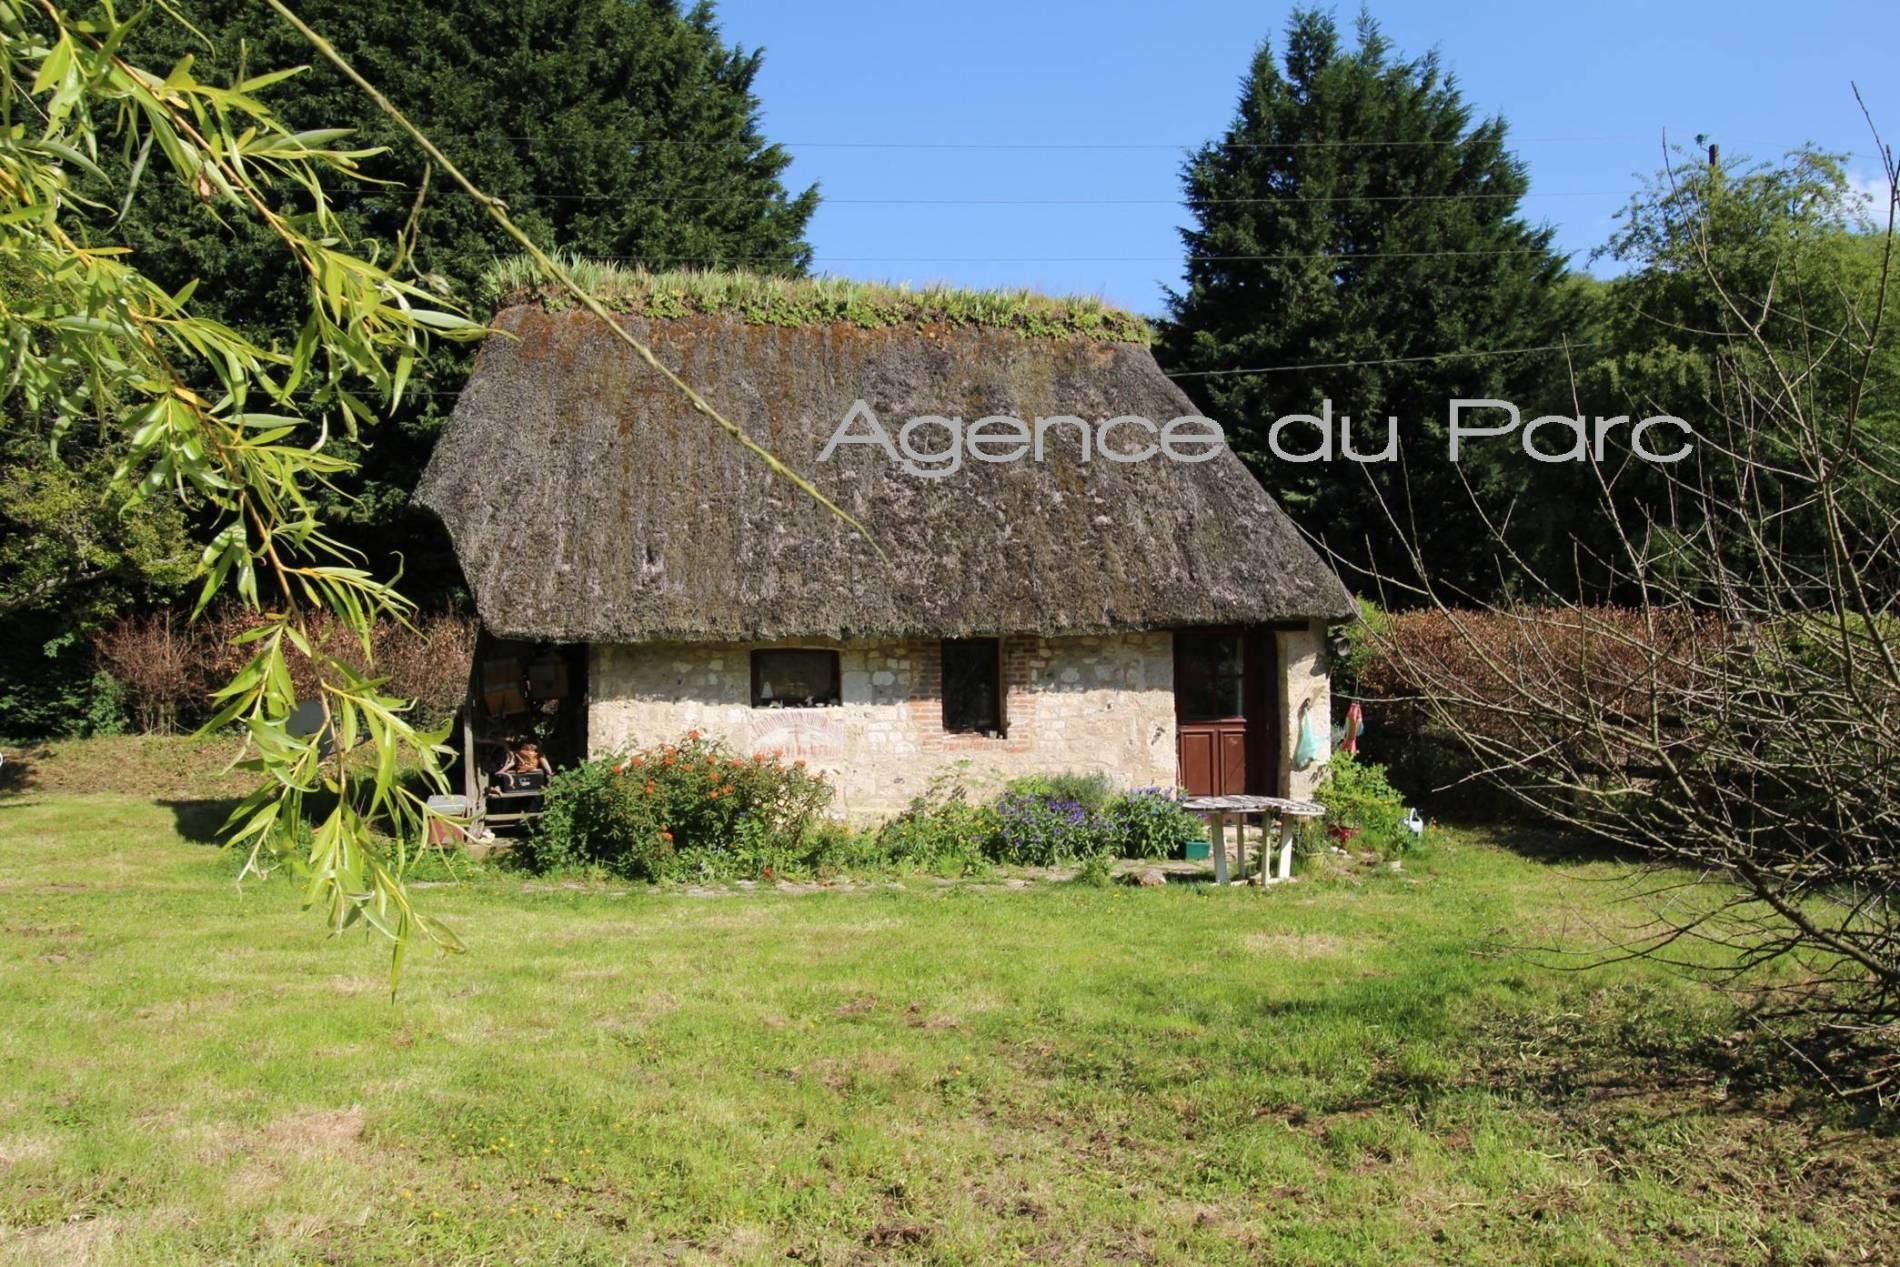 Acheter achat d 39 une propri t normande en vall e de seine for Acheter une maison en campagne